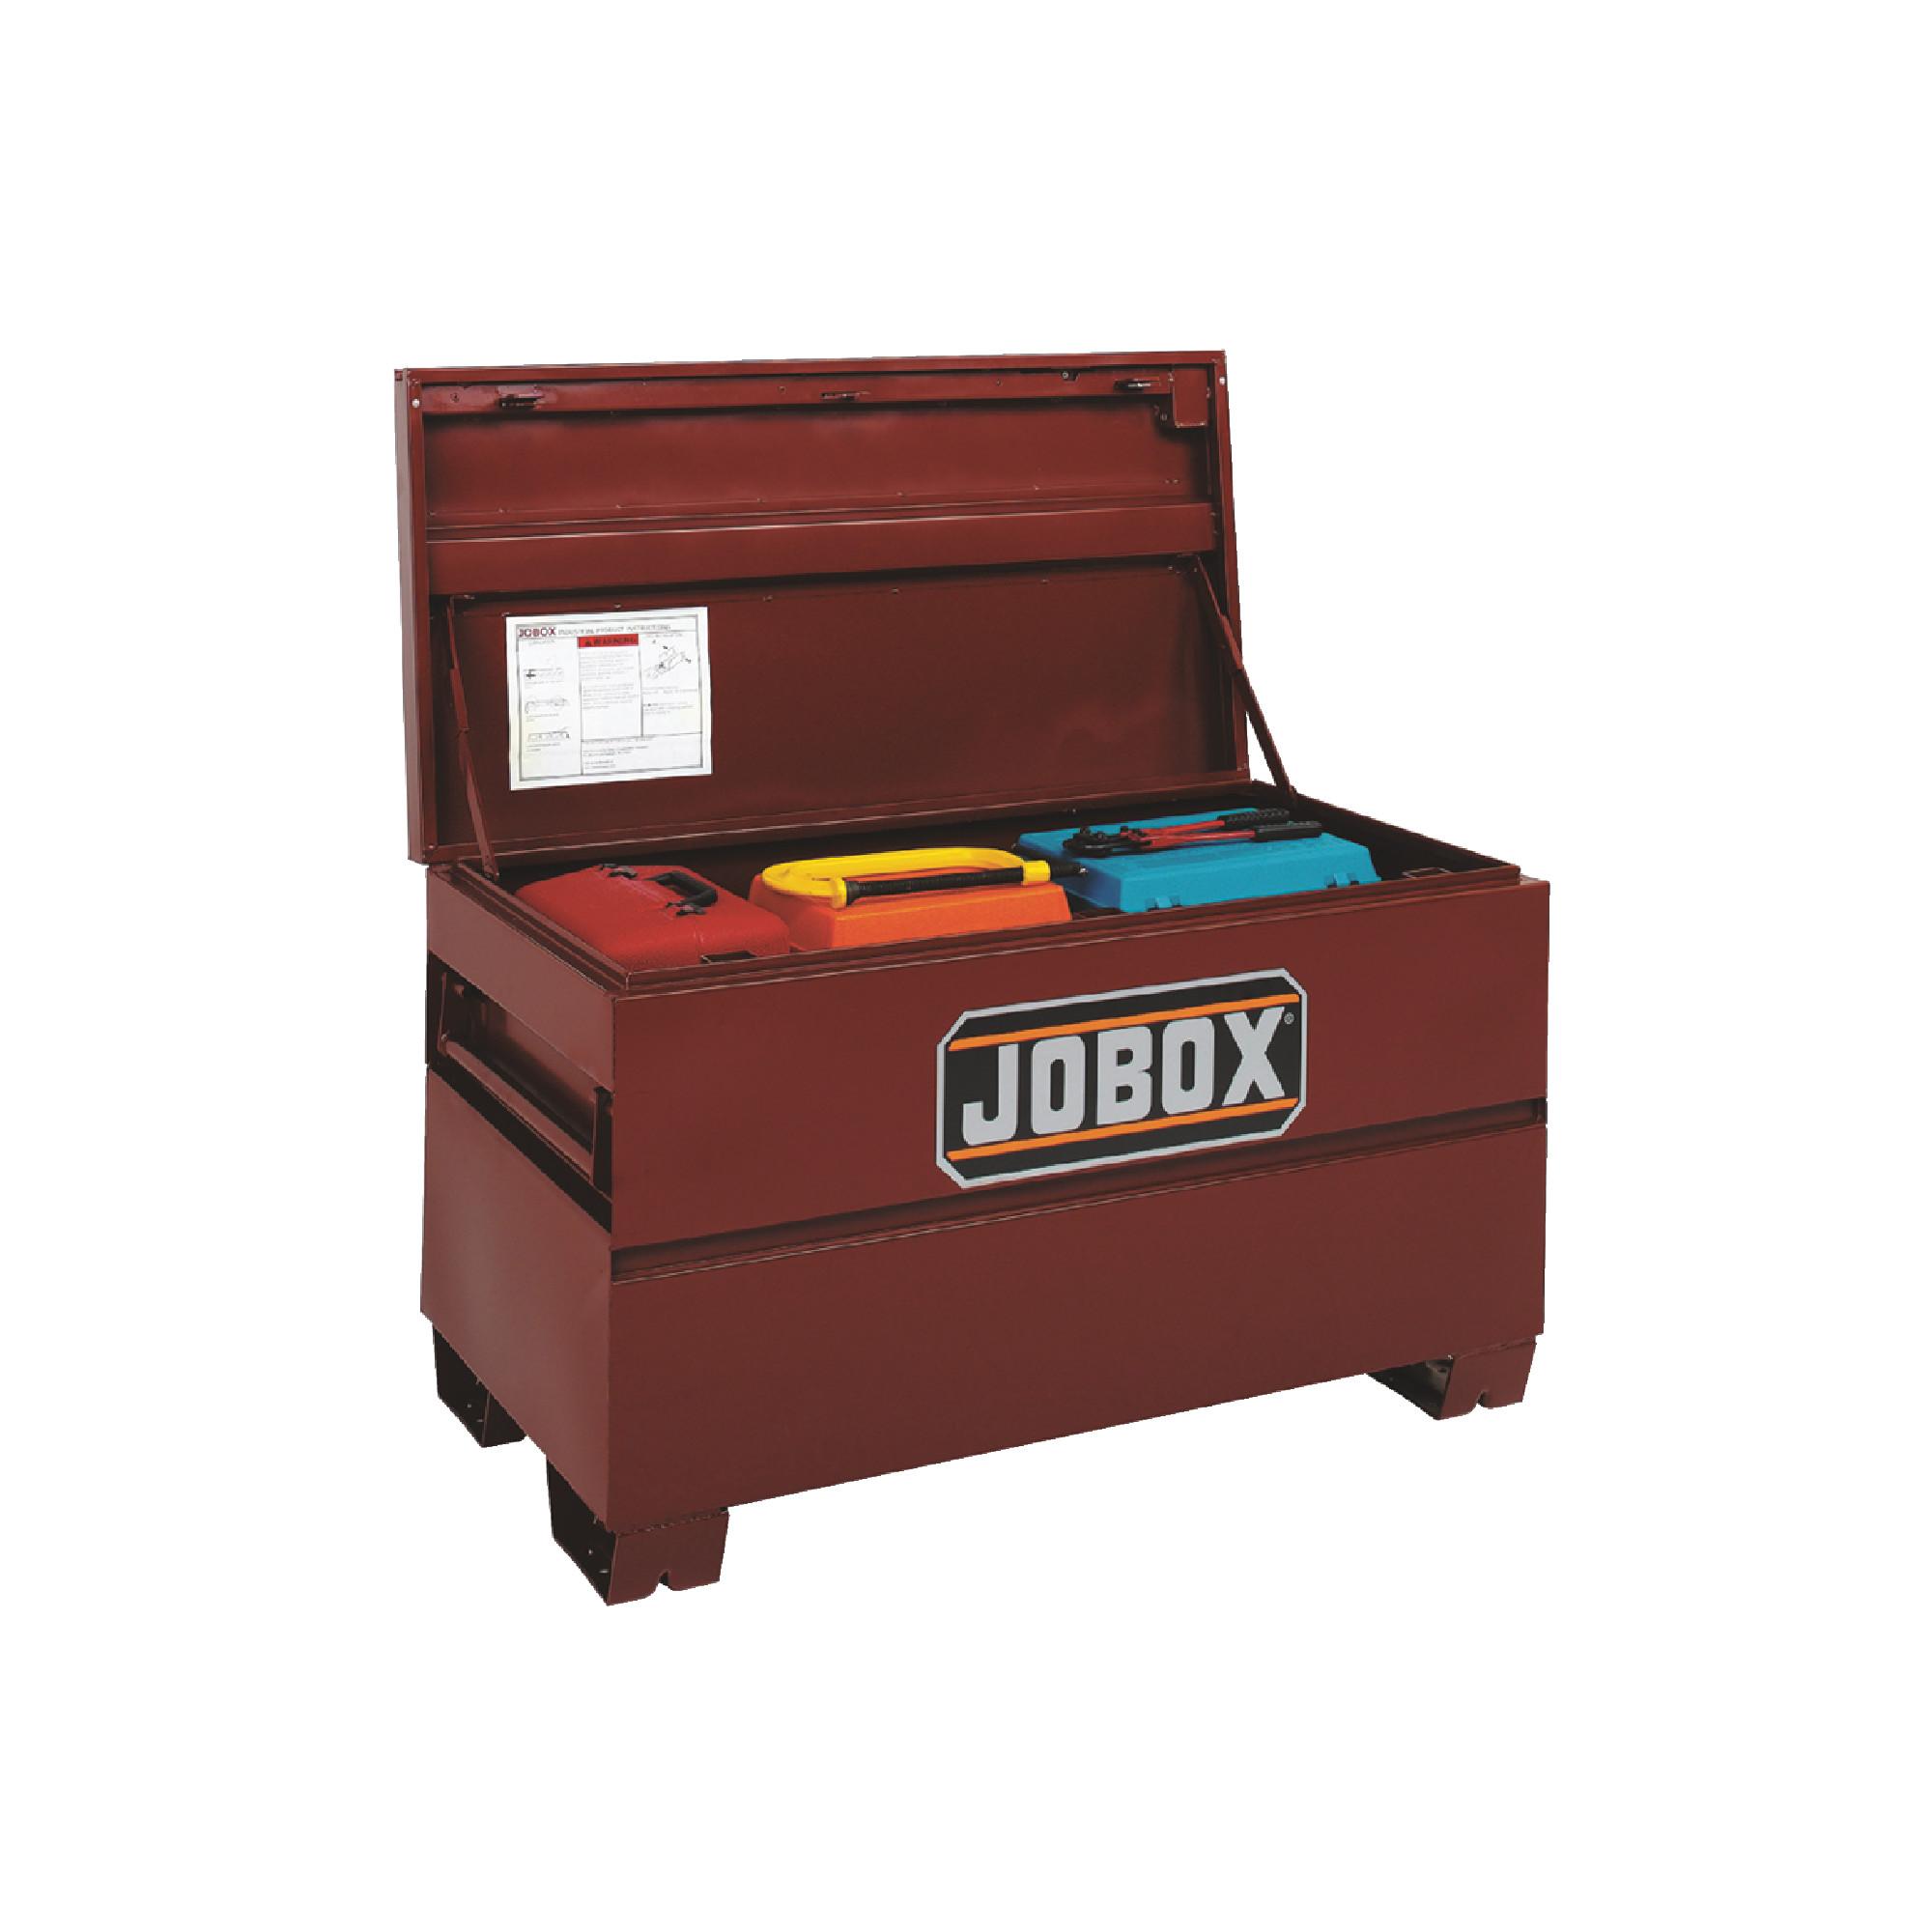 48X30X33.5 JOBOX STEEL VAULT - JOBOX